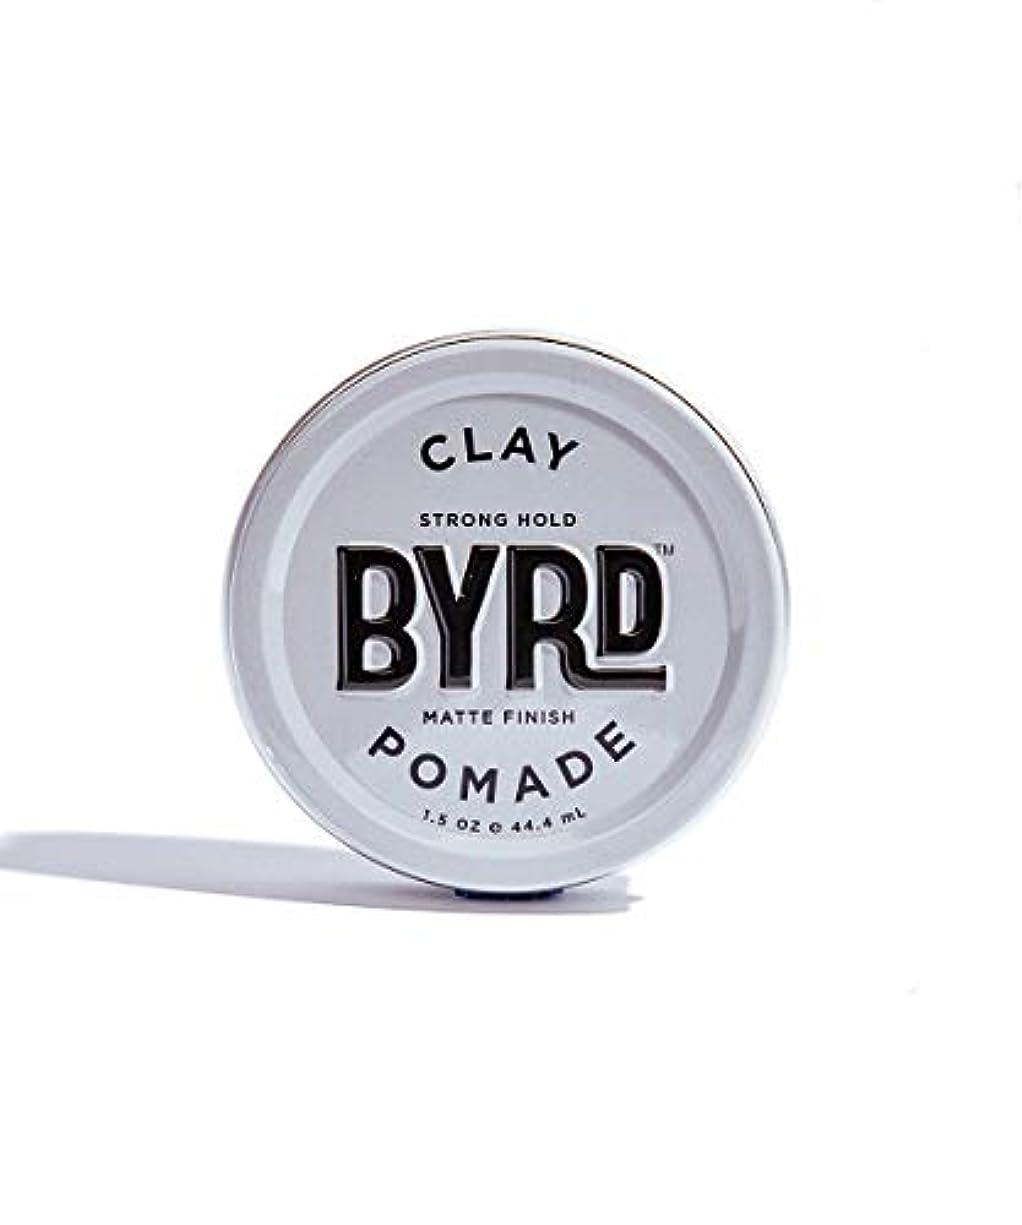 検査官会話スピンBYRD/クレイポマード 42g メンズコスメ ワックス ヘアスタイリング かっこいい モテ髪